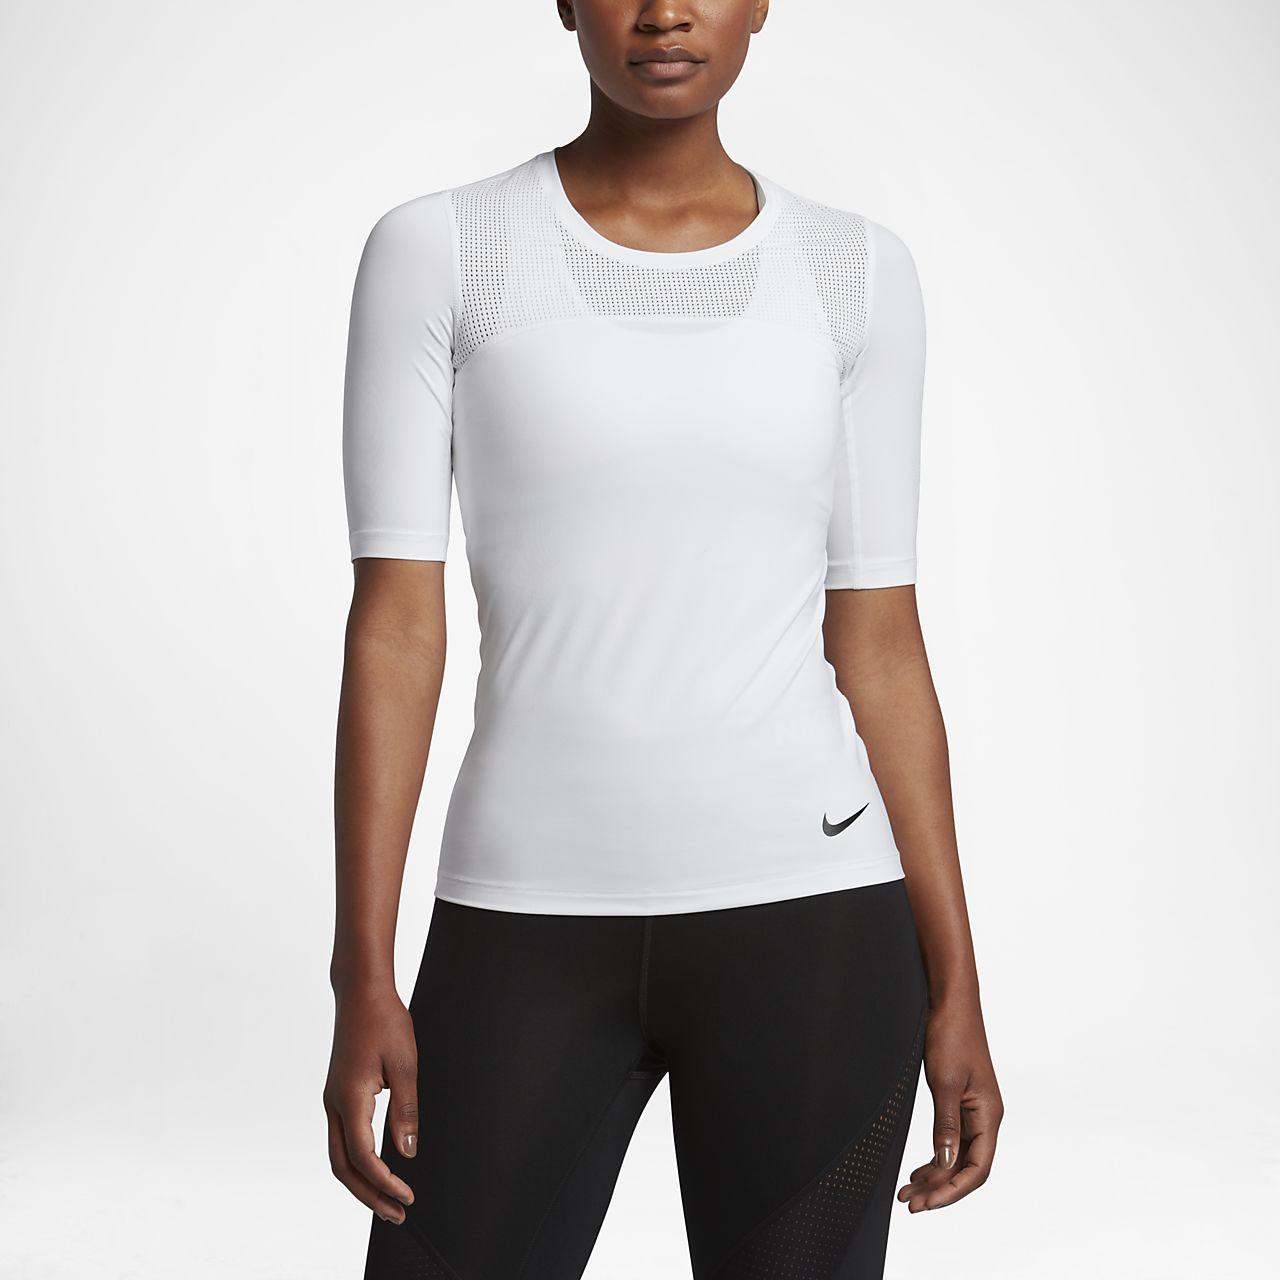 ... Nike Pro HyperCool Women's Short-Sleeve Training Top